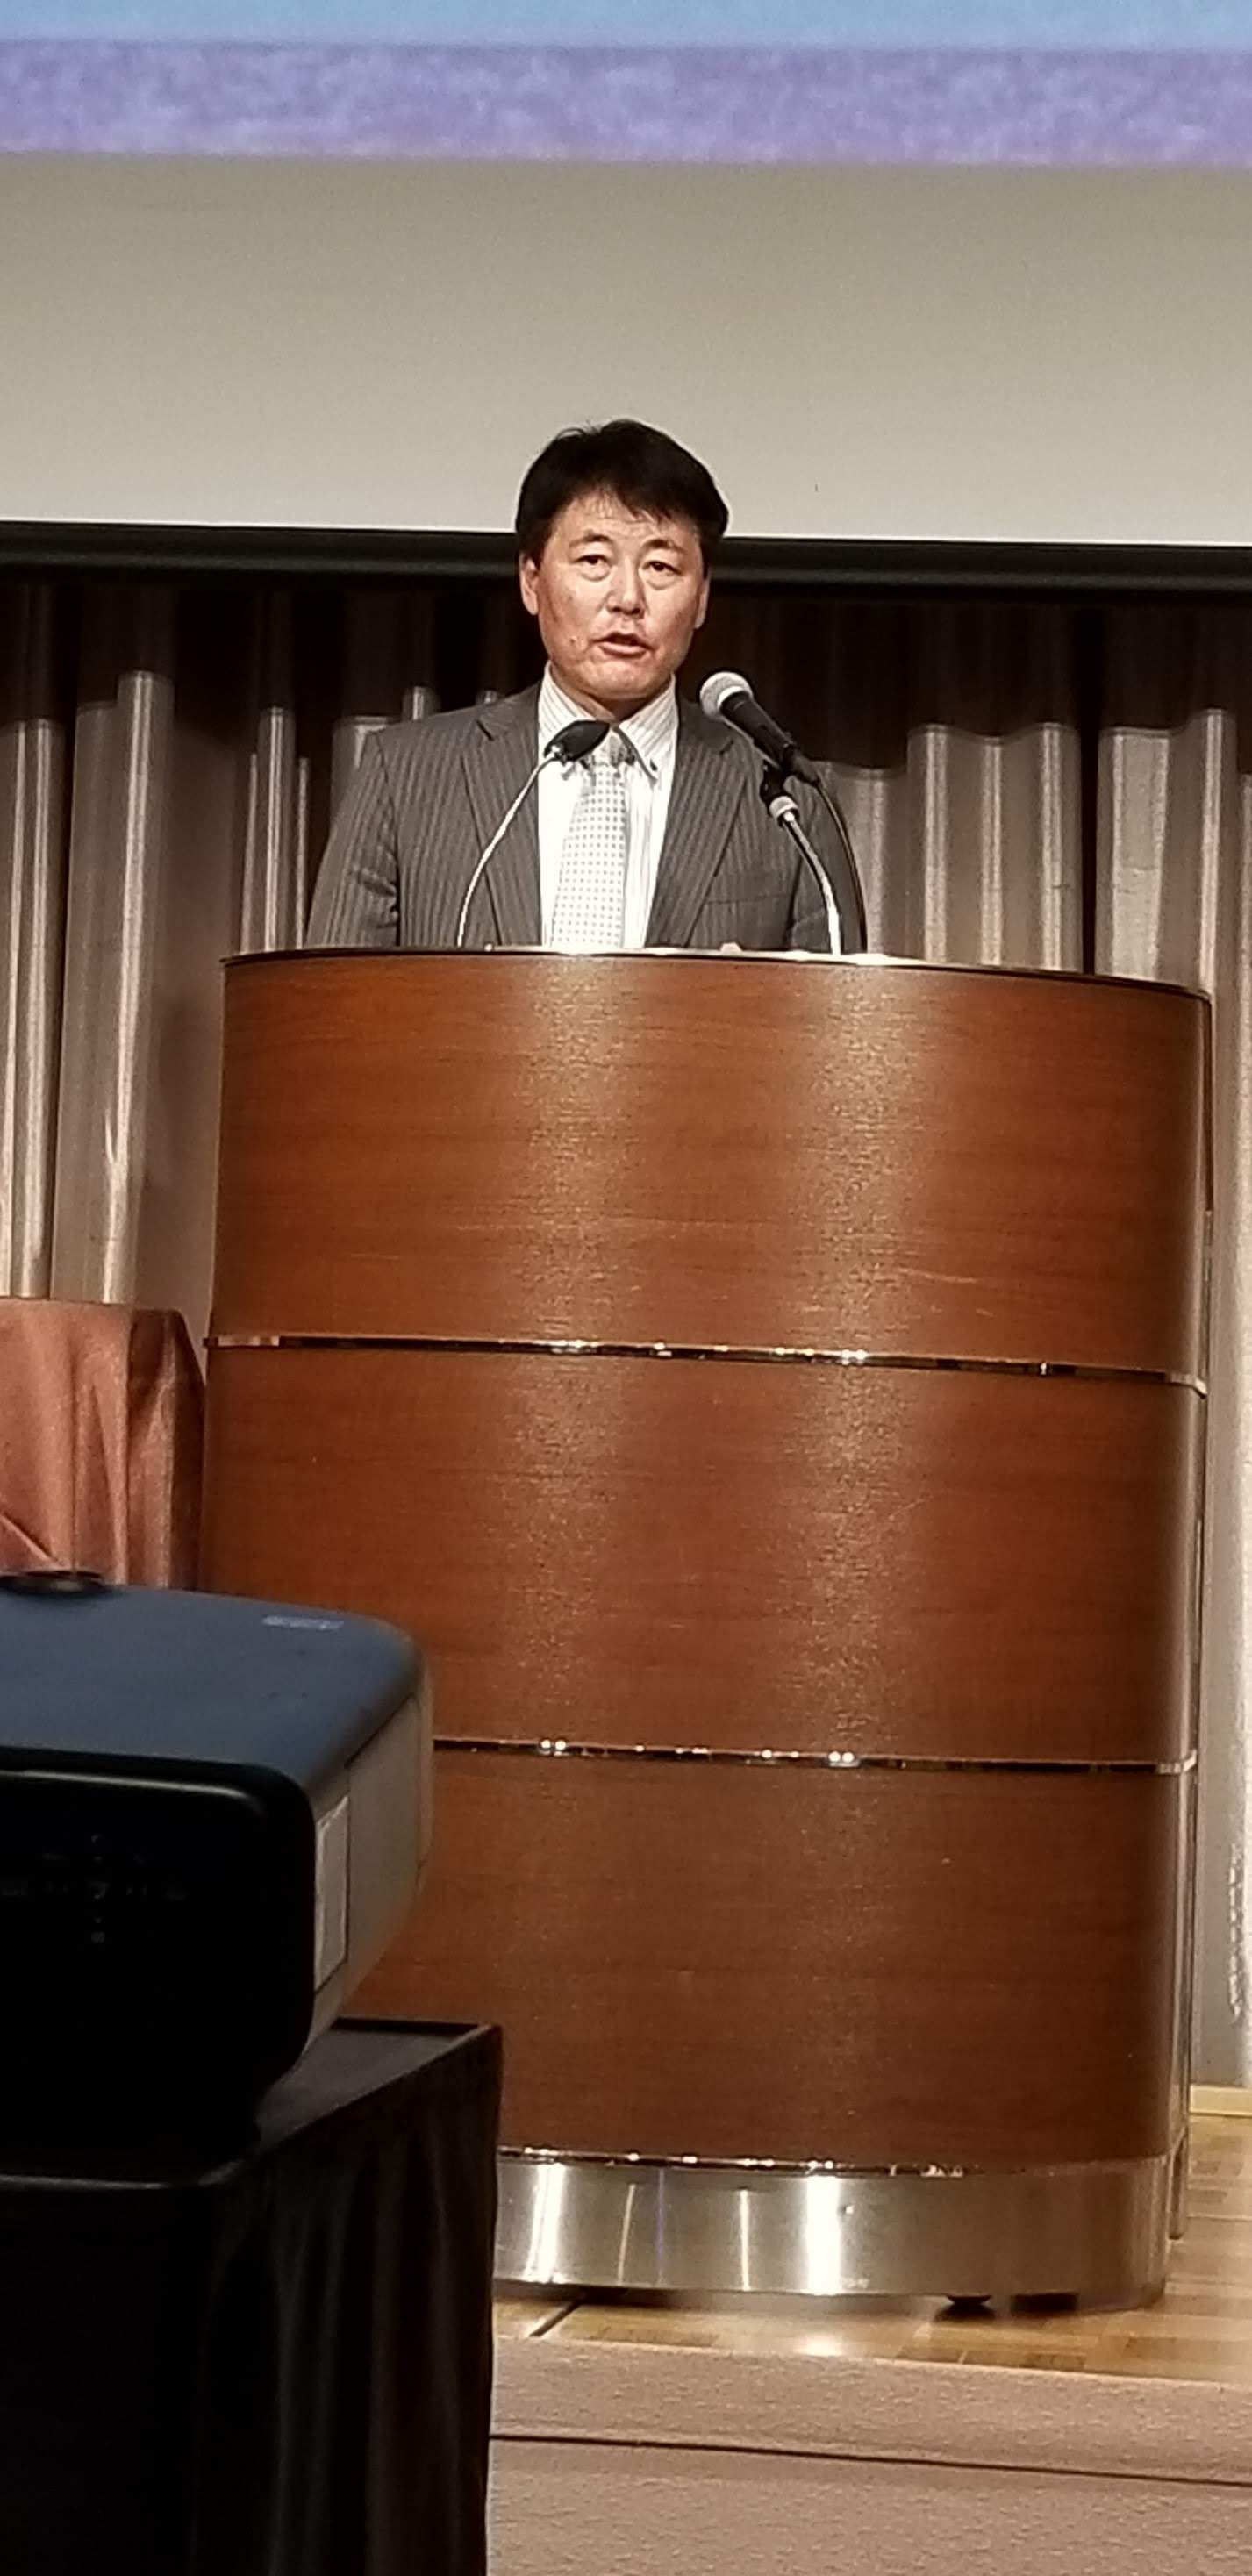 4fcb6feb325d938b31380c3f3608c904 1 - 思風会全国大会in広島